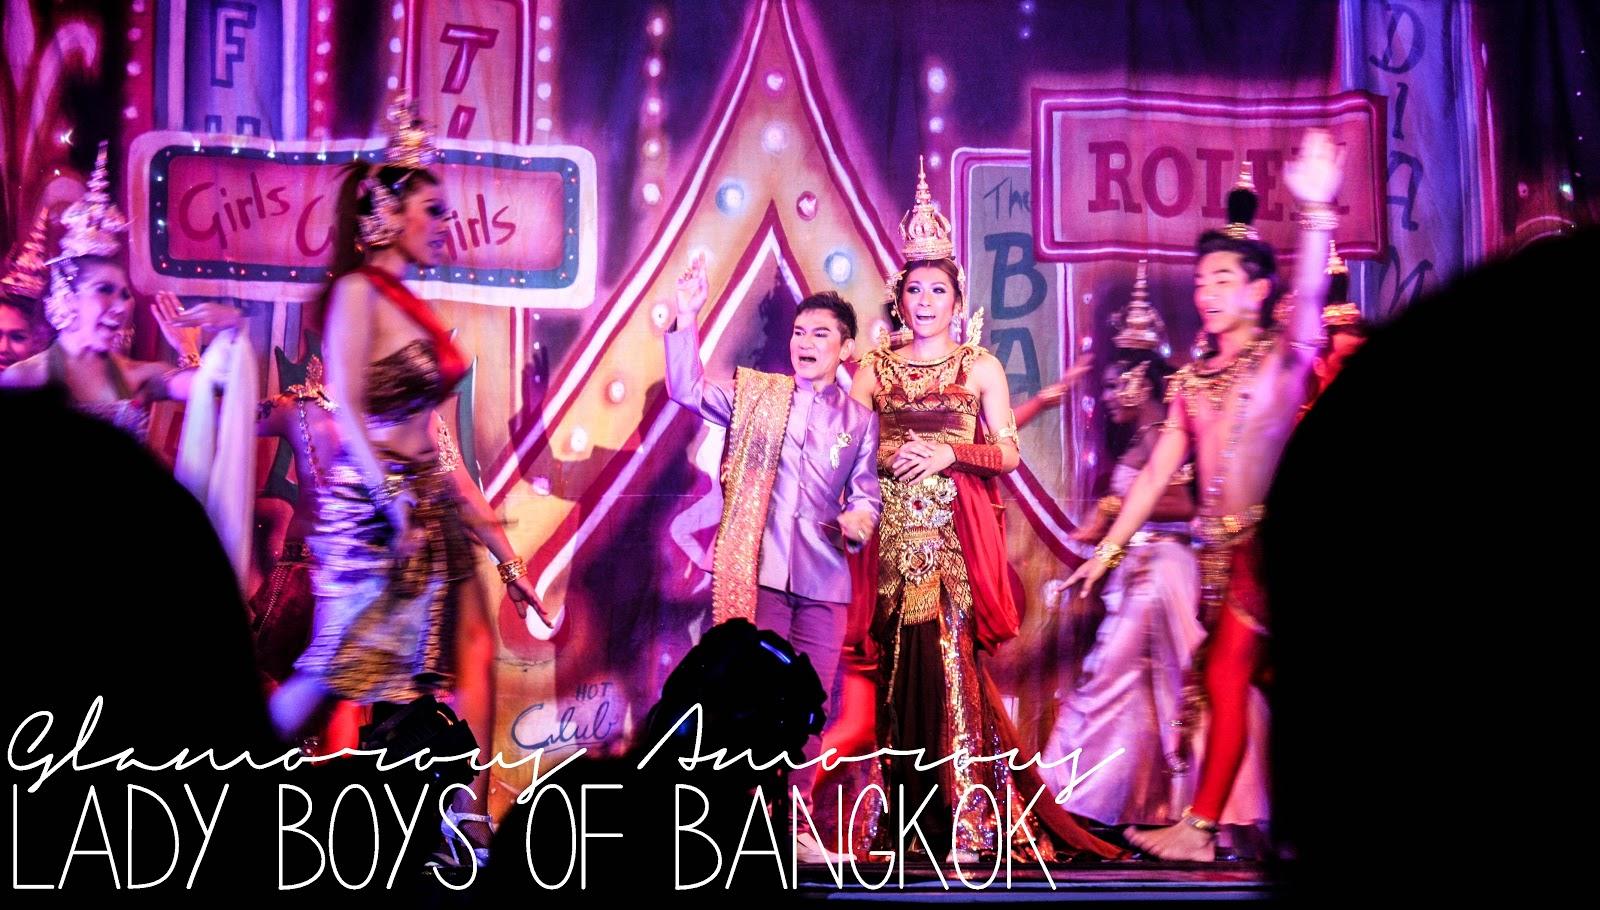 Glamorous Amorous by Ladyboys of Bangkok